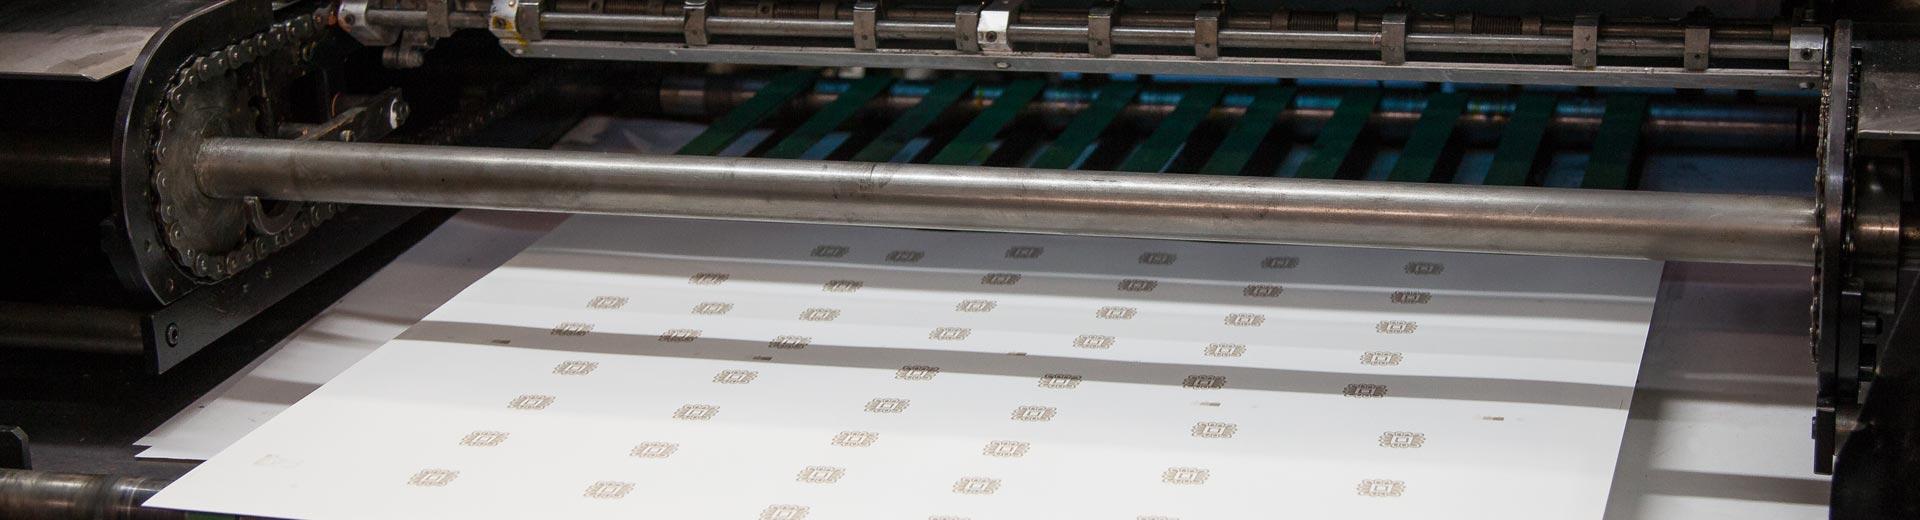 Keramischer Digitaldruck für Glas, Keramik und Beton